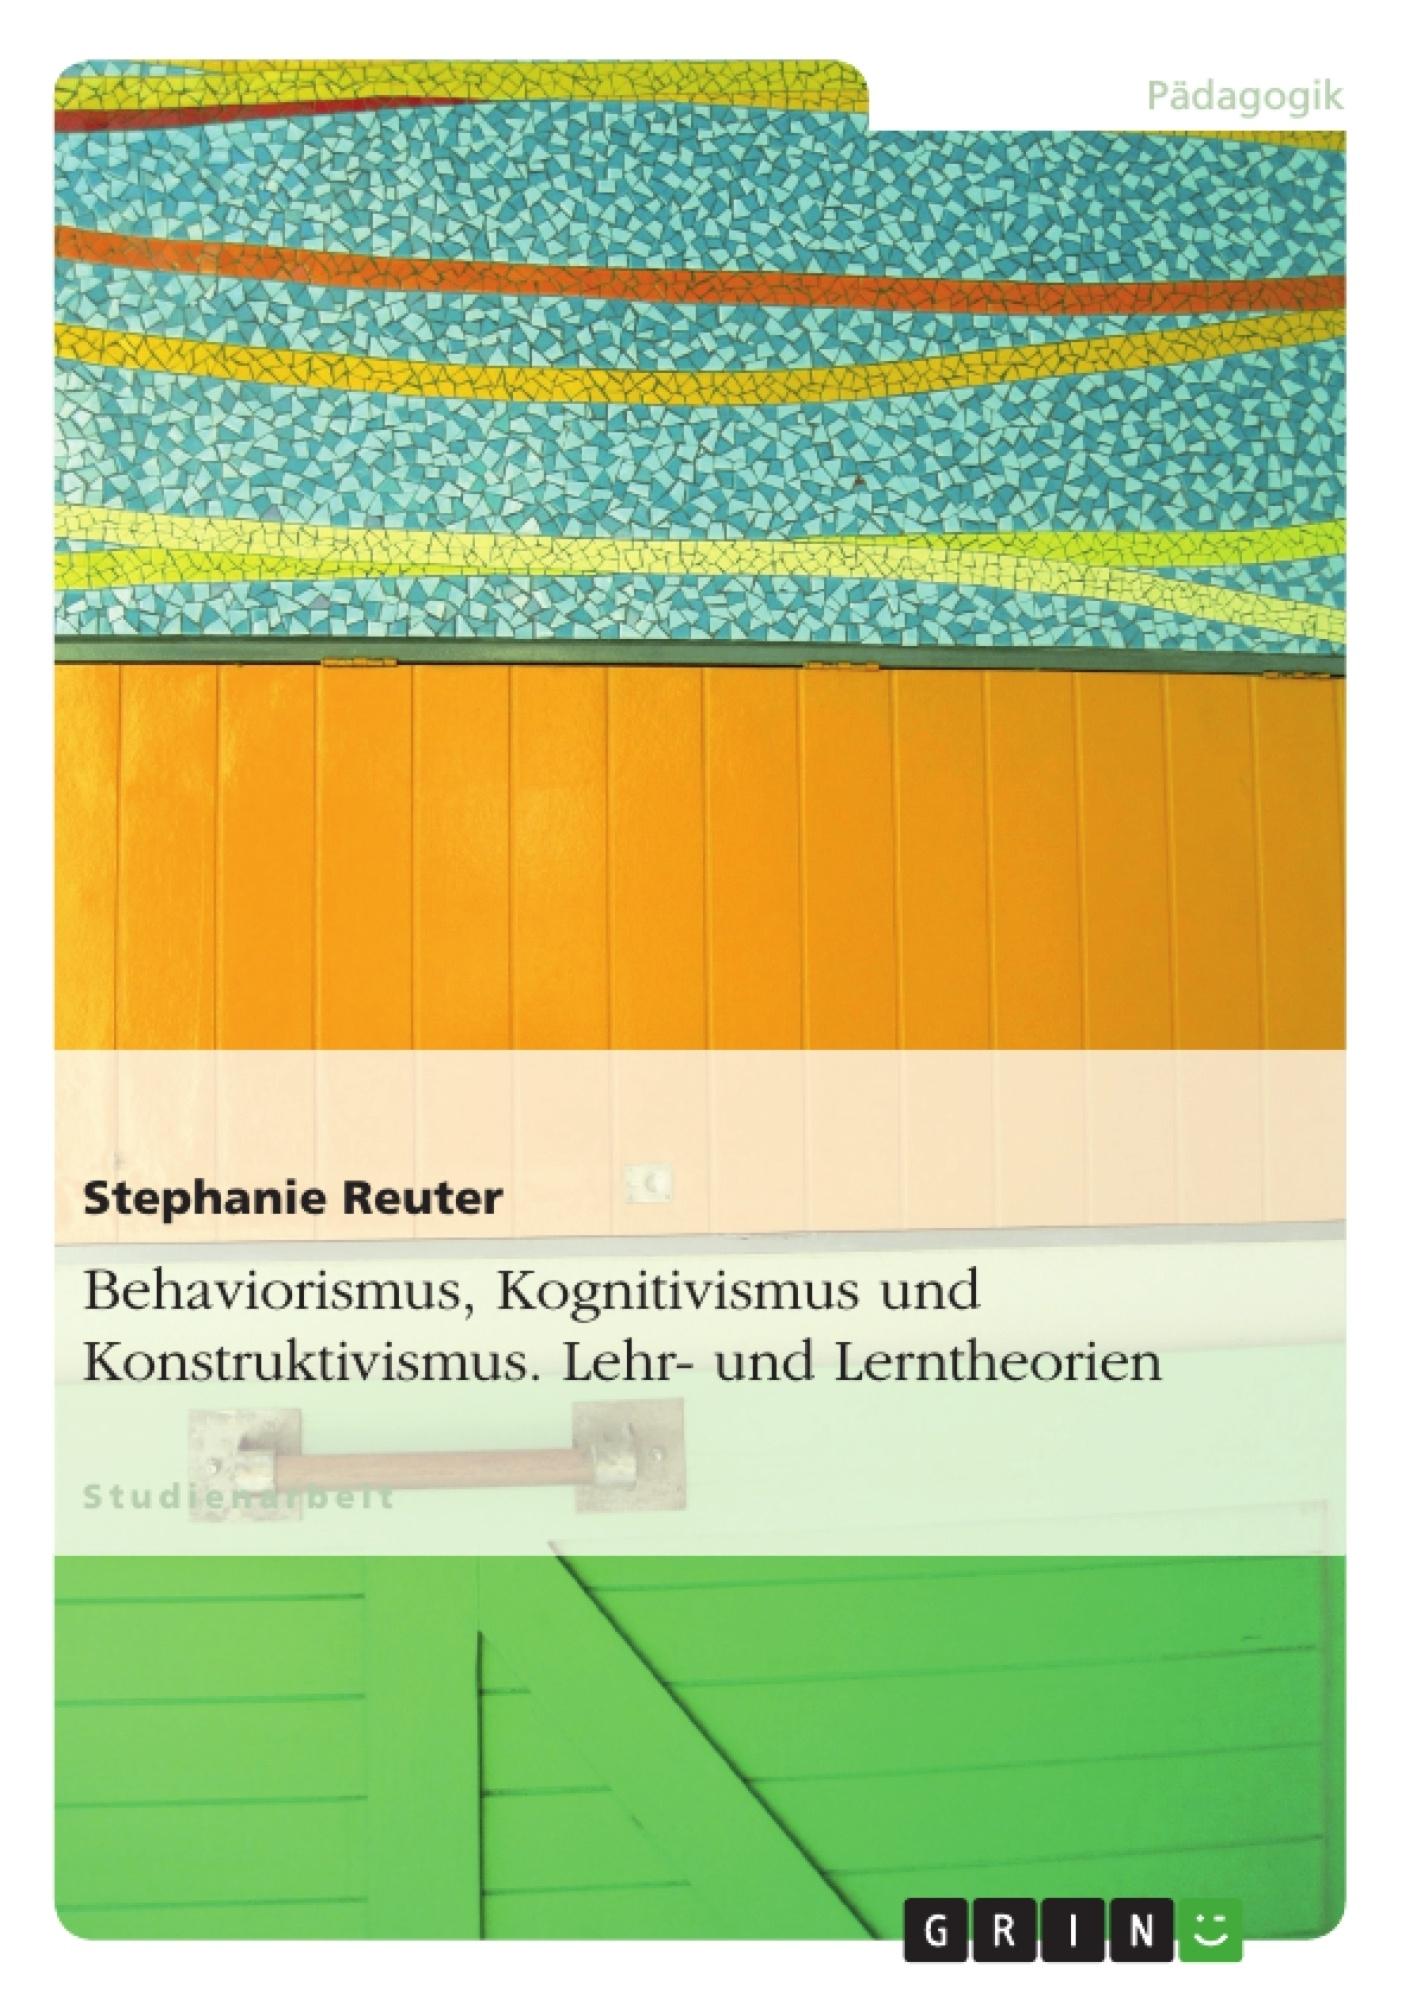 Titel: Behaviorismus, Kognitivismus und Konstruktivismus. Lehr- und Lerntheorien